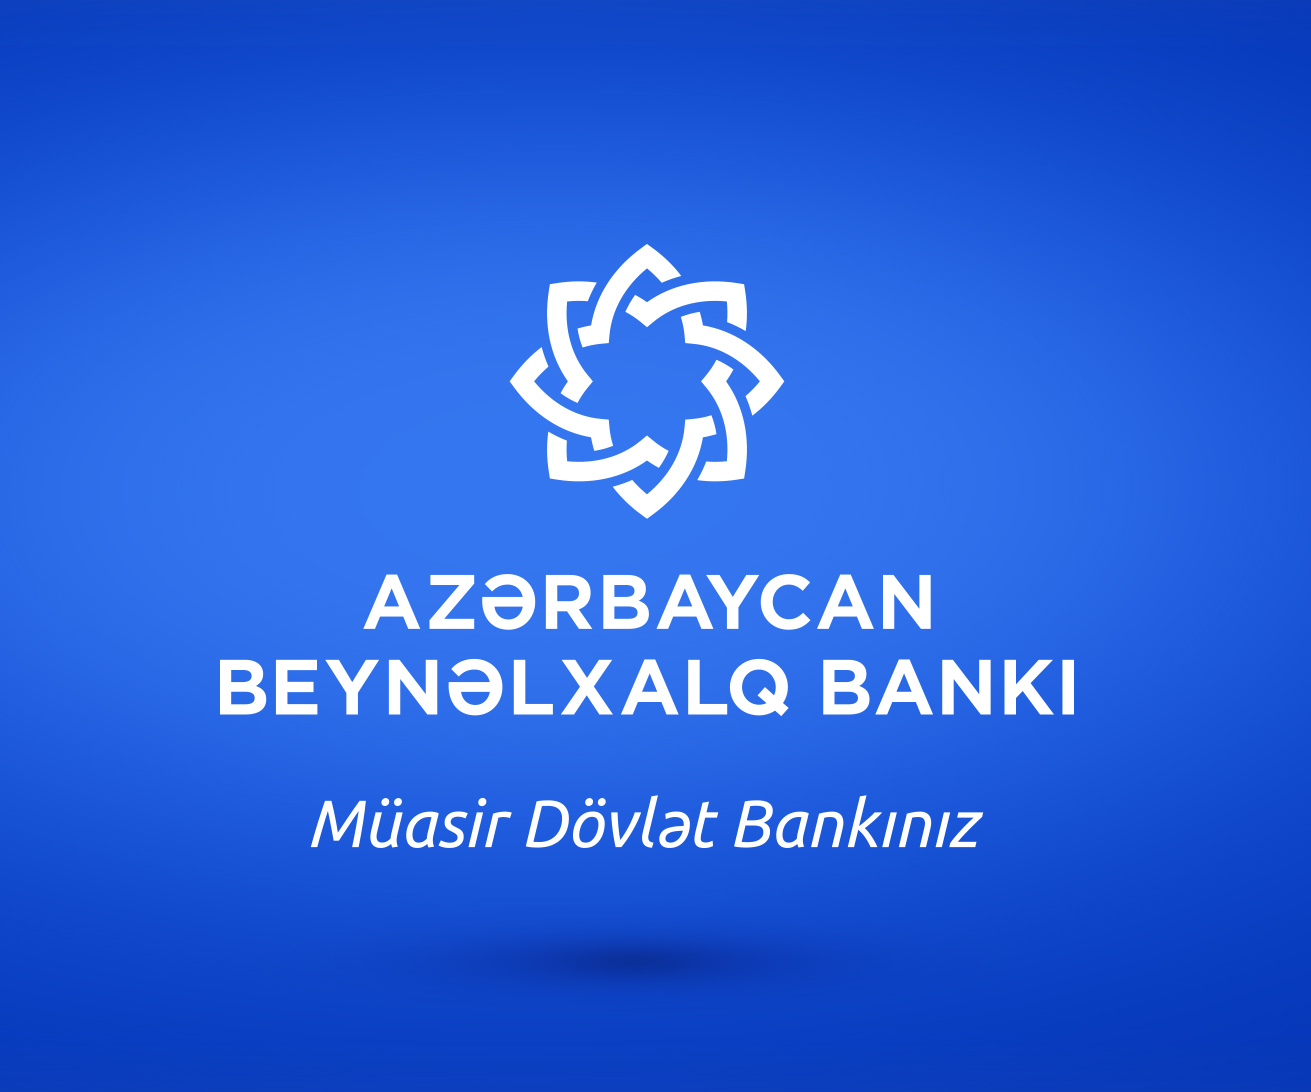 Azərbaycan Beynəlxalq Bankının rəhbərliyi Türkiyədə səfərdə olub